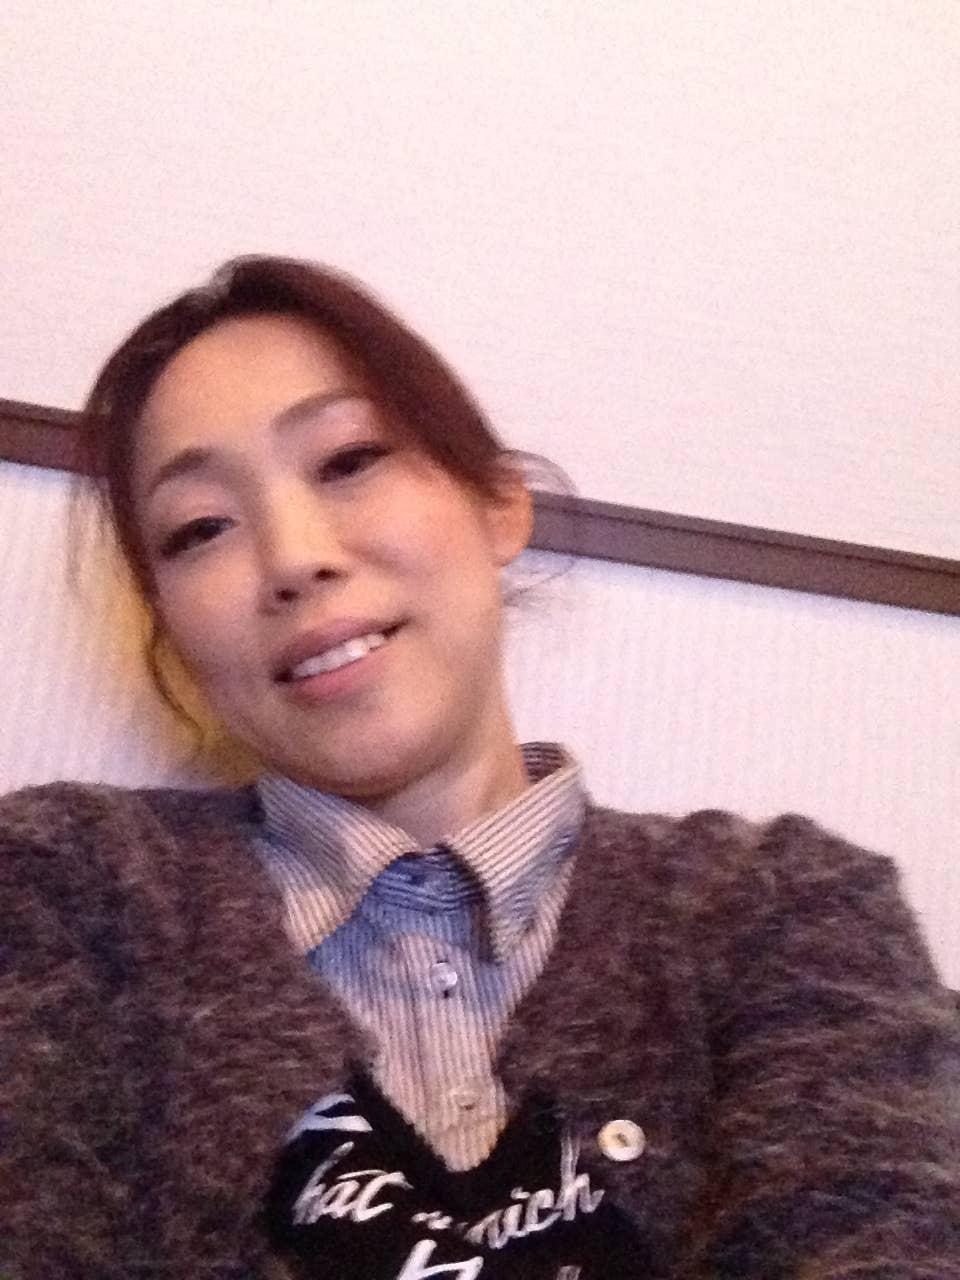 Megumi.S